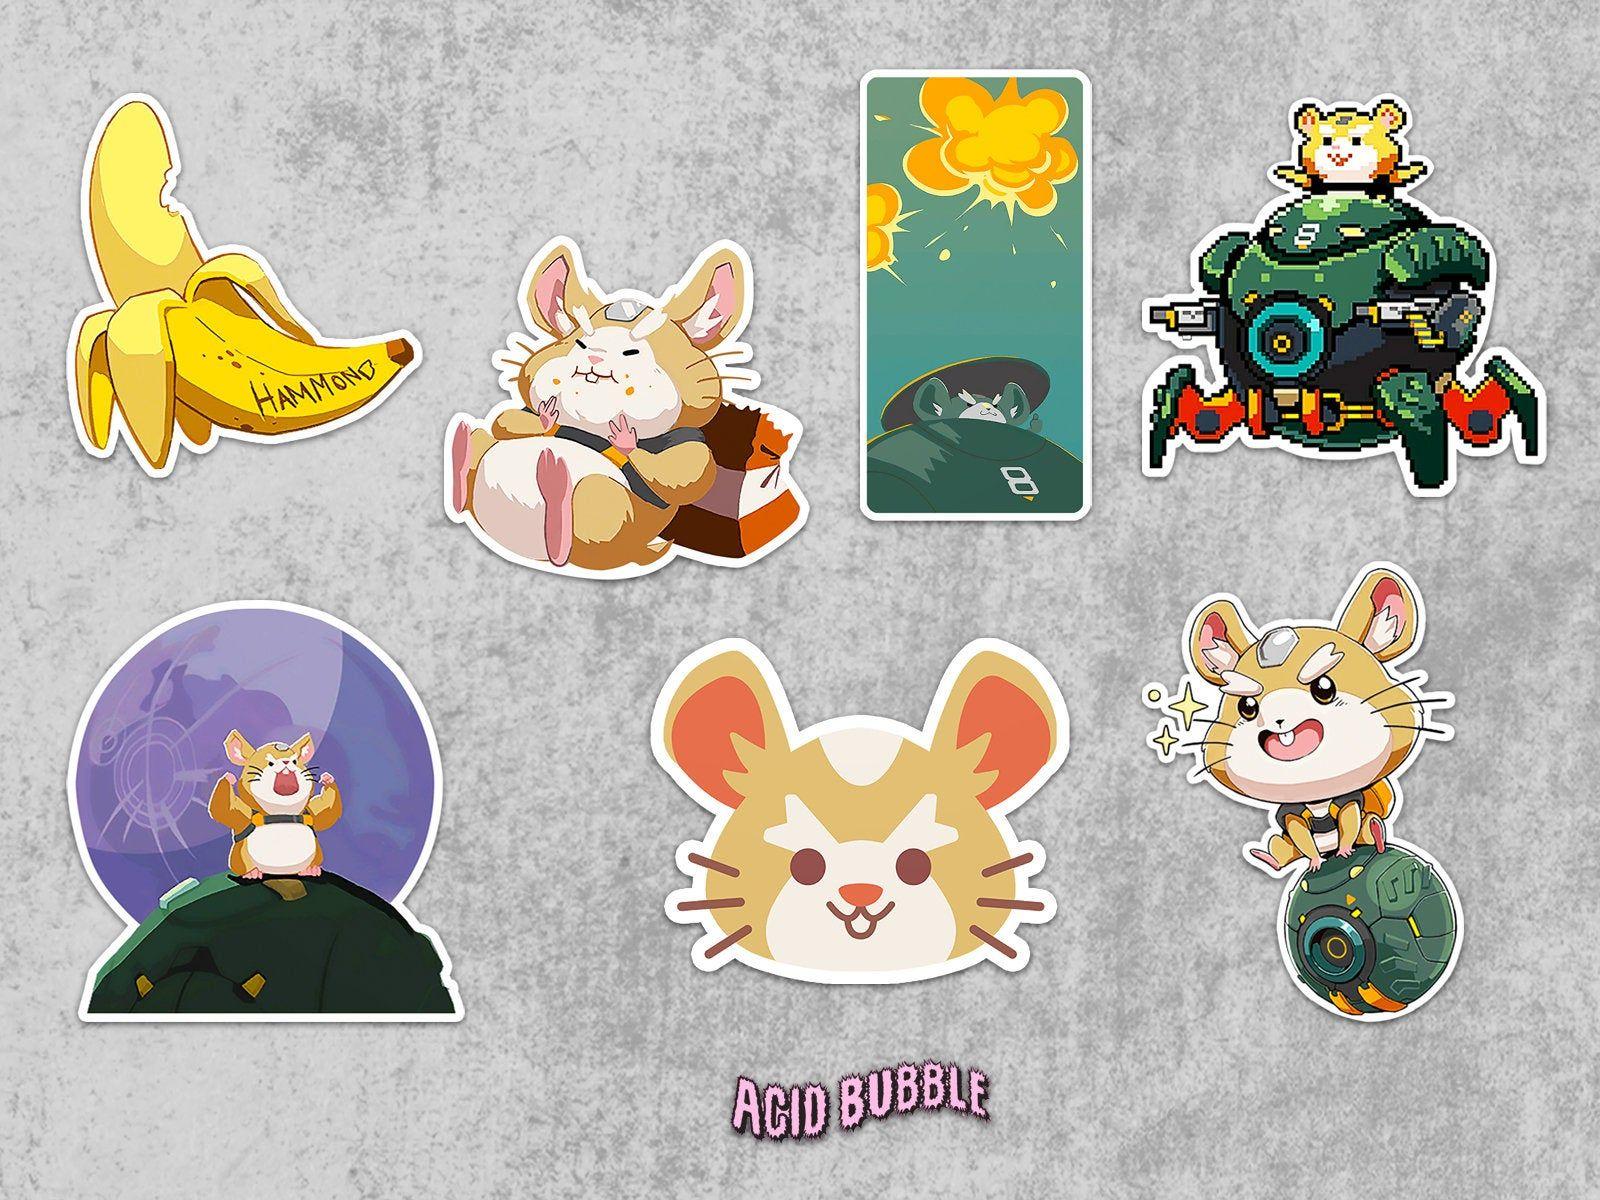 Overwatch Wrecking Ball Sticker Overwatch Spray Art Sticker Hammond Spray Iphone Sticker Decal Vinyl St Sticker Art Vinyl Stickers Laptop Iphone Decal Stickers [ 1200 x 1600 Pixel ]